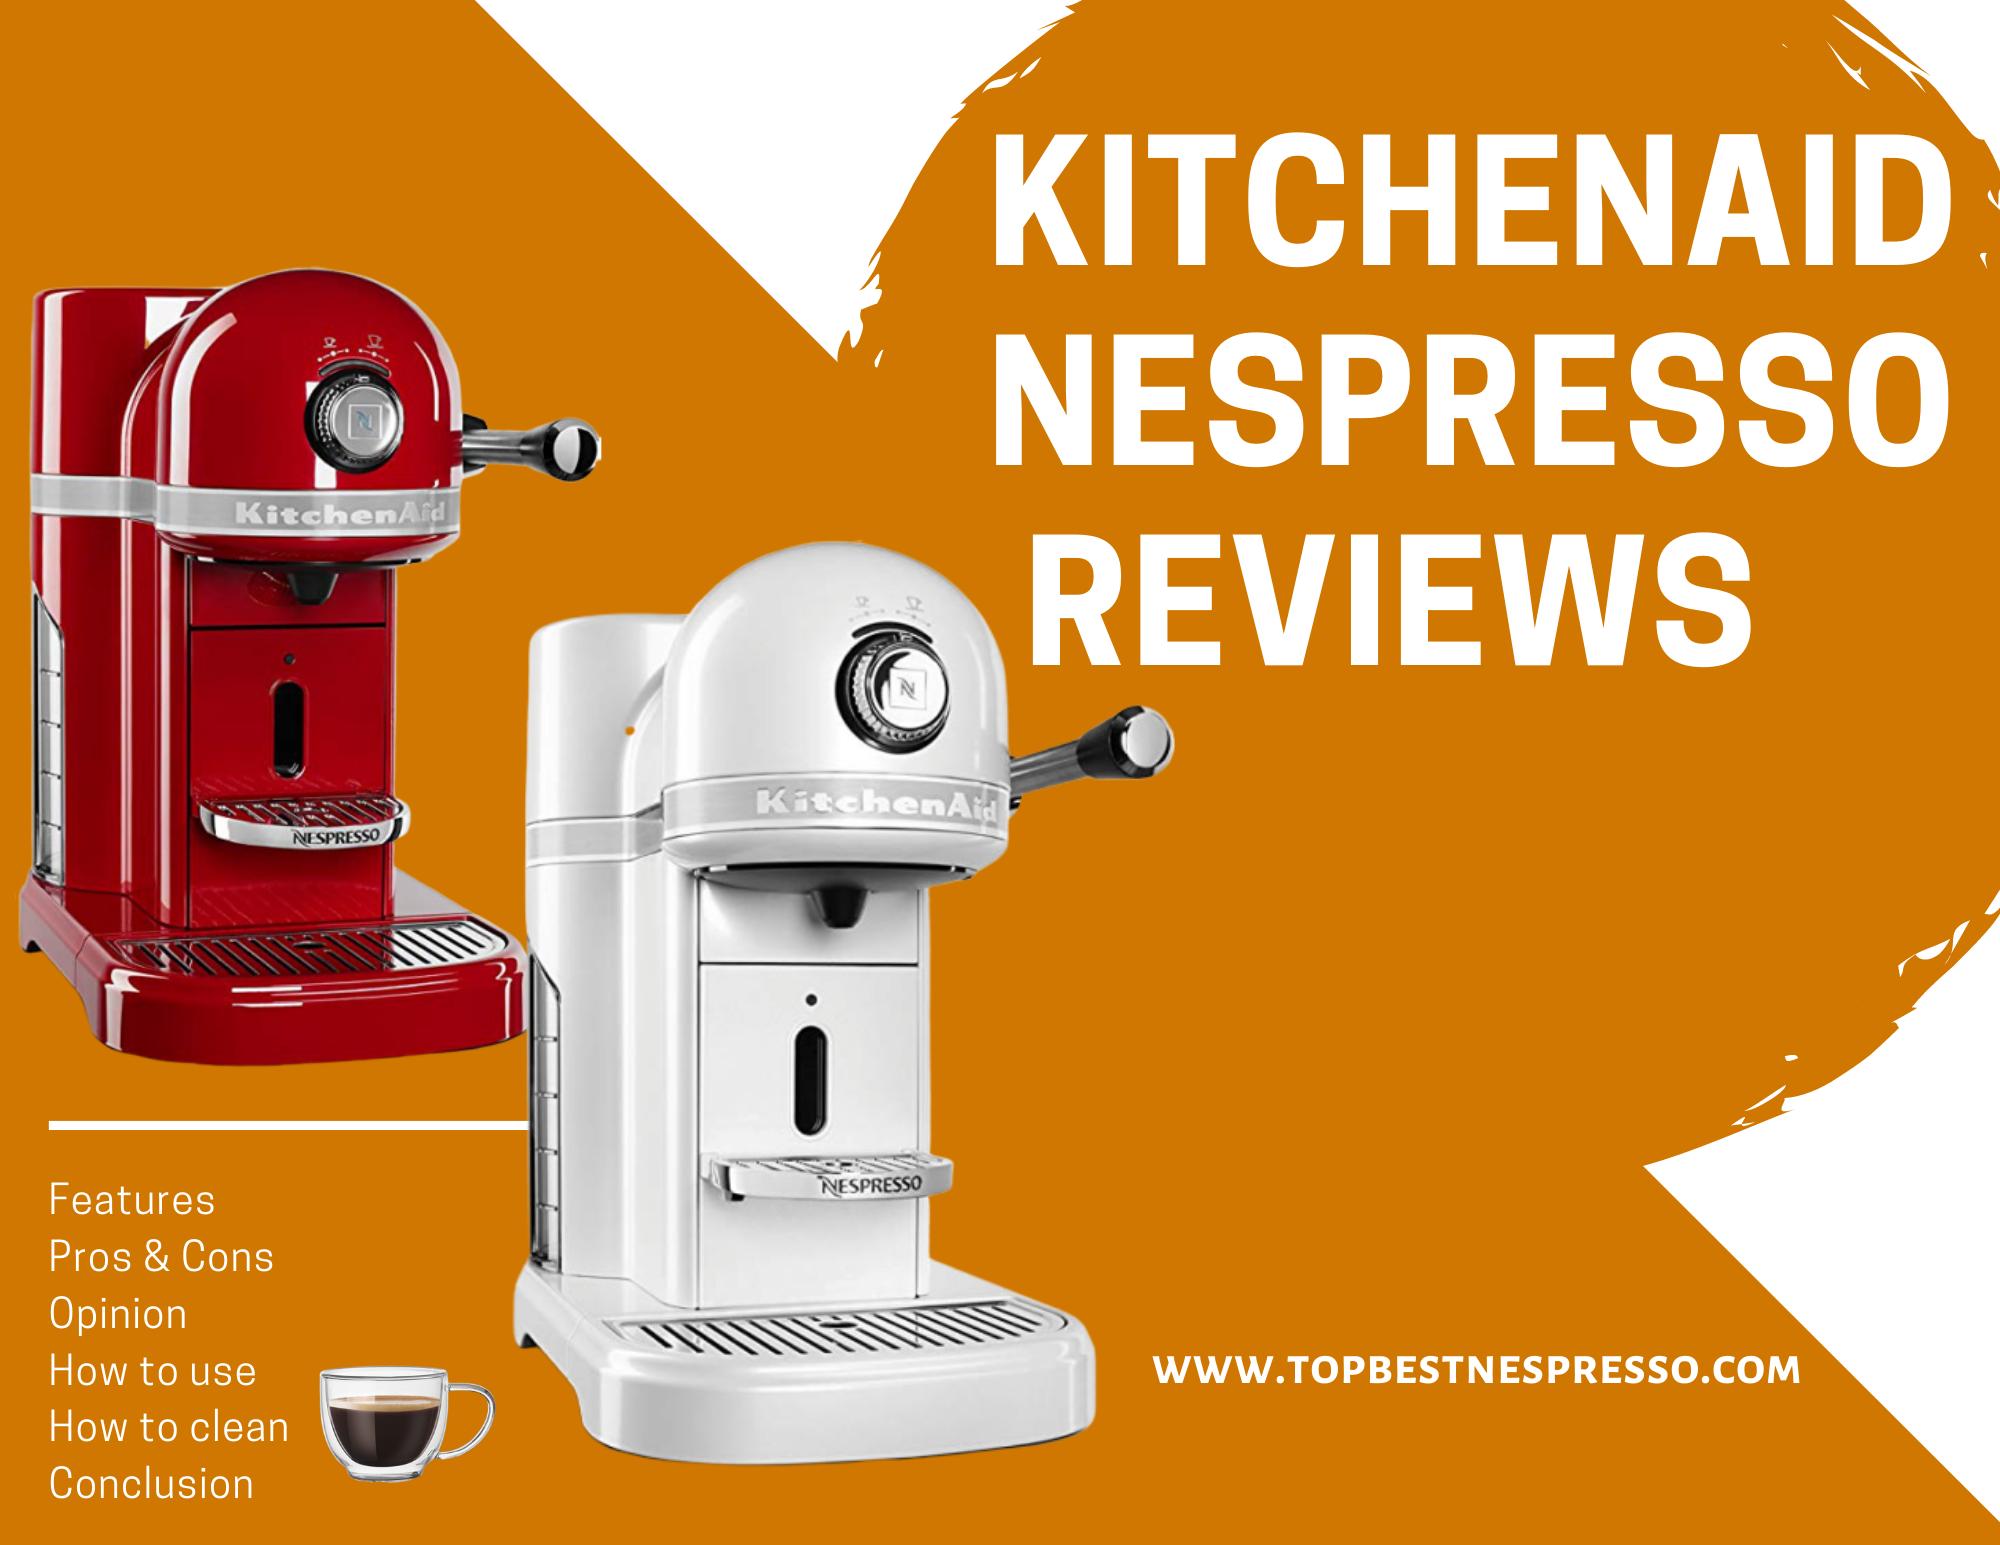 KitchenAid Nespresso Reviews in 2020 Nespresso, Kitchen